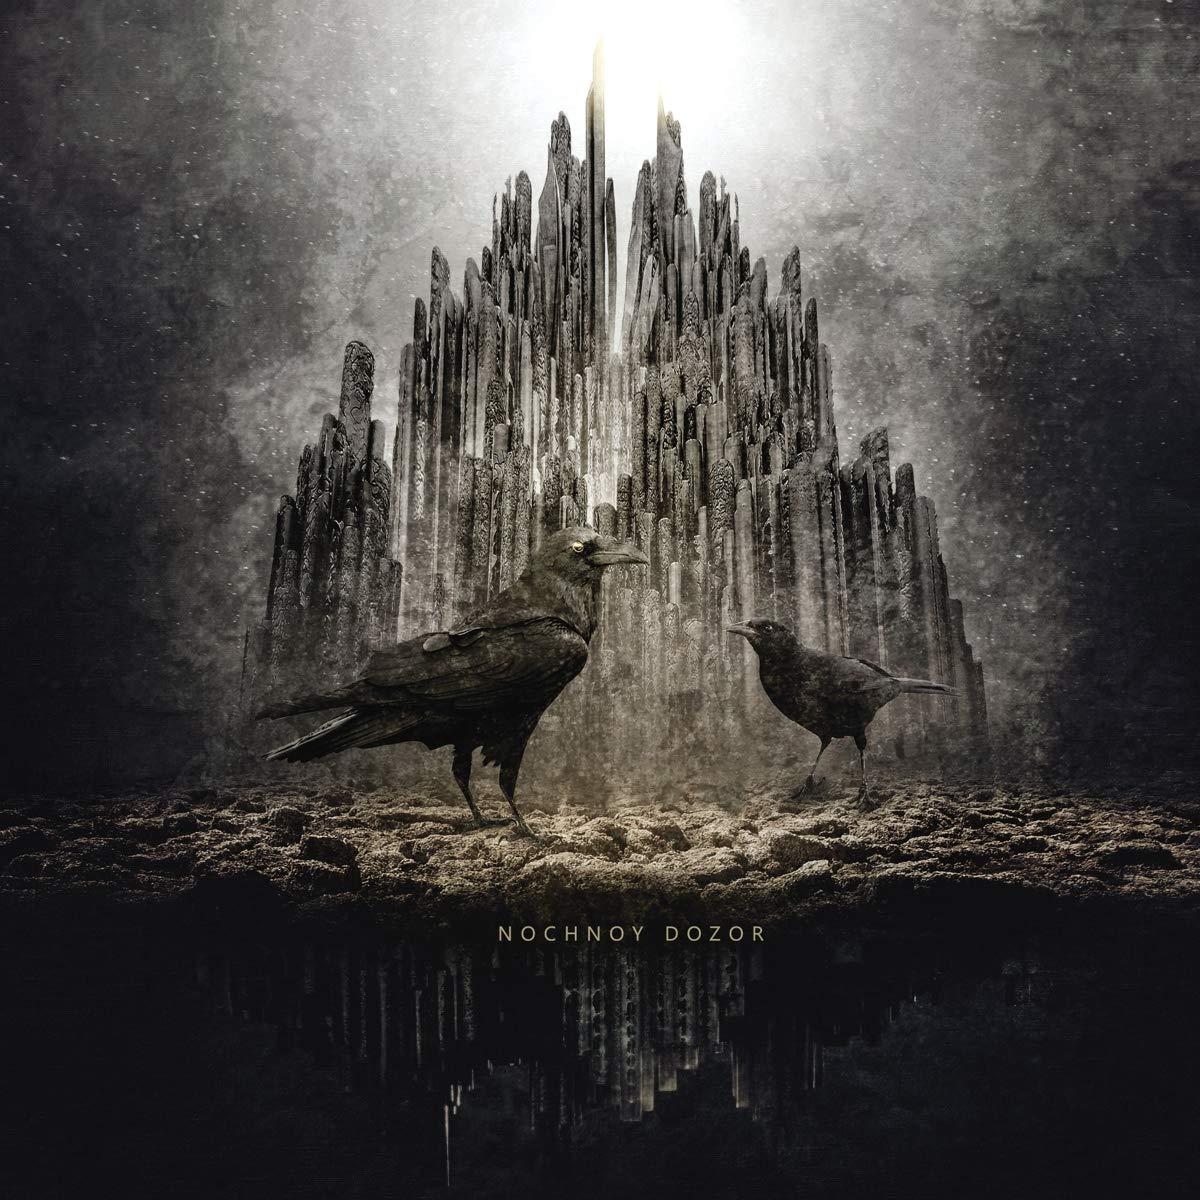 Vinilo : Nochnoy Dozor - Nochnoy Dozor (Black, Limited Edition)